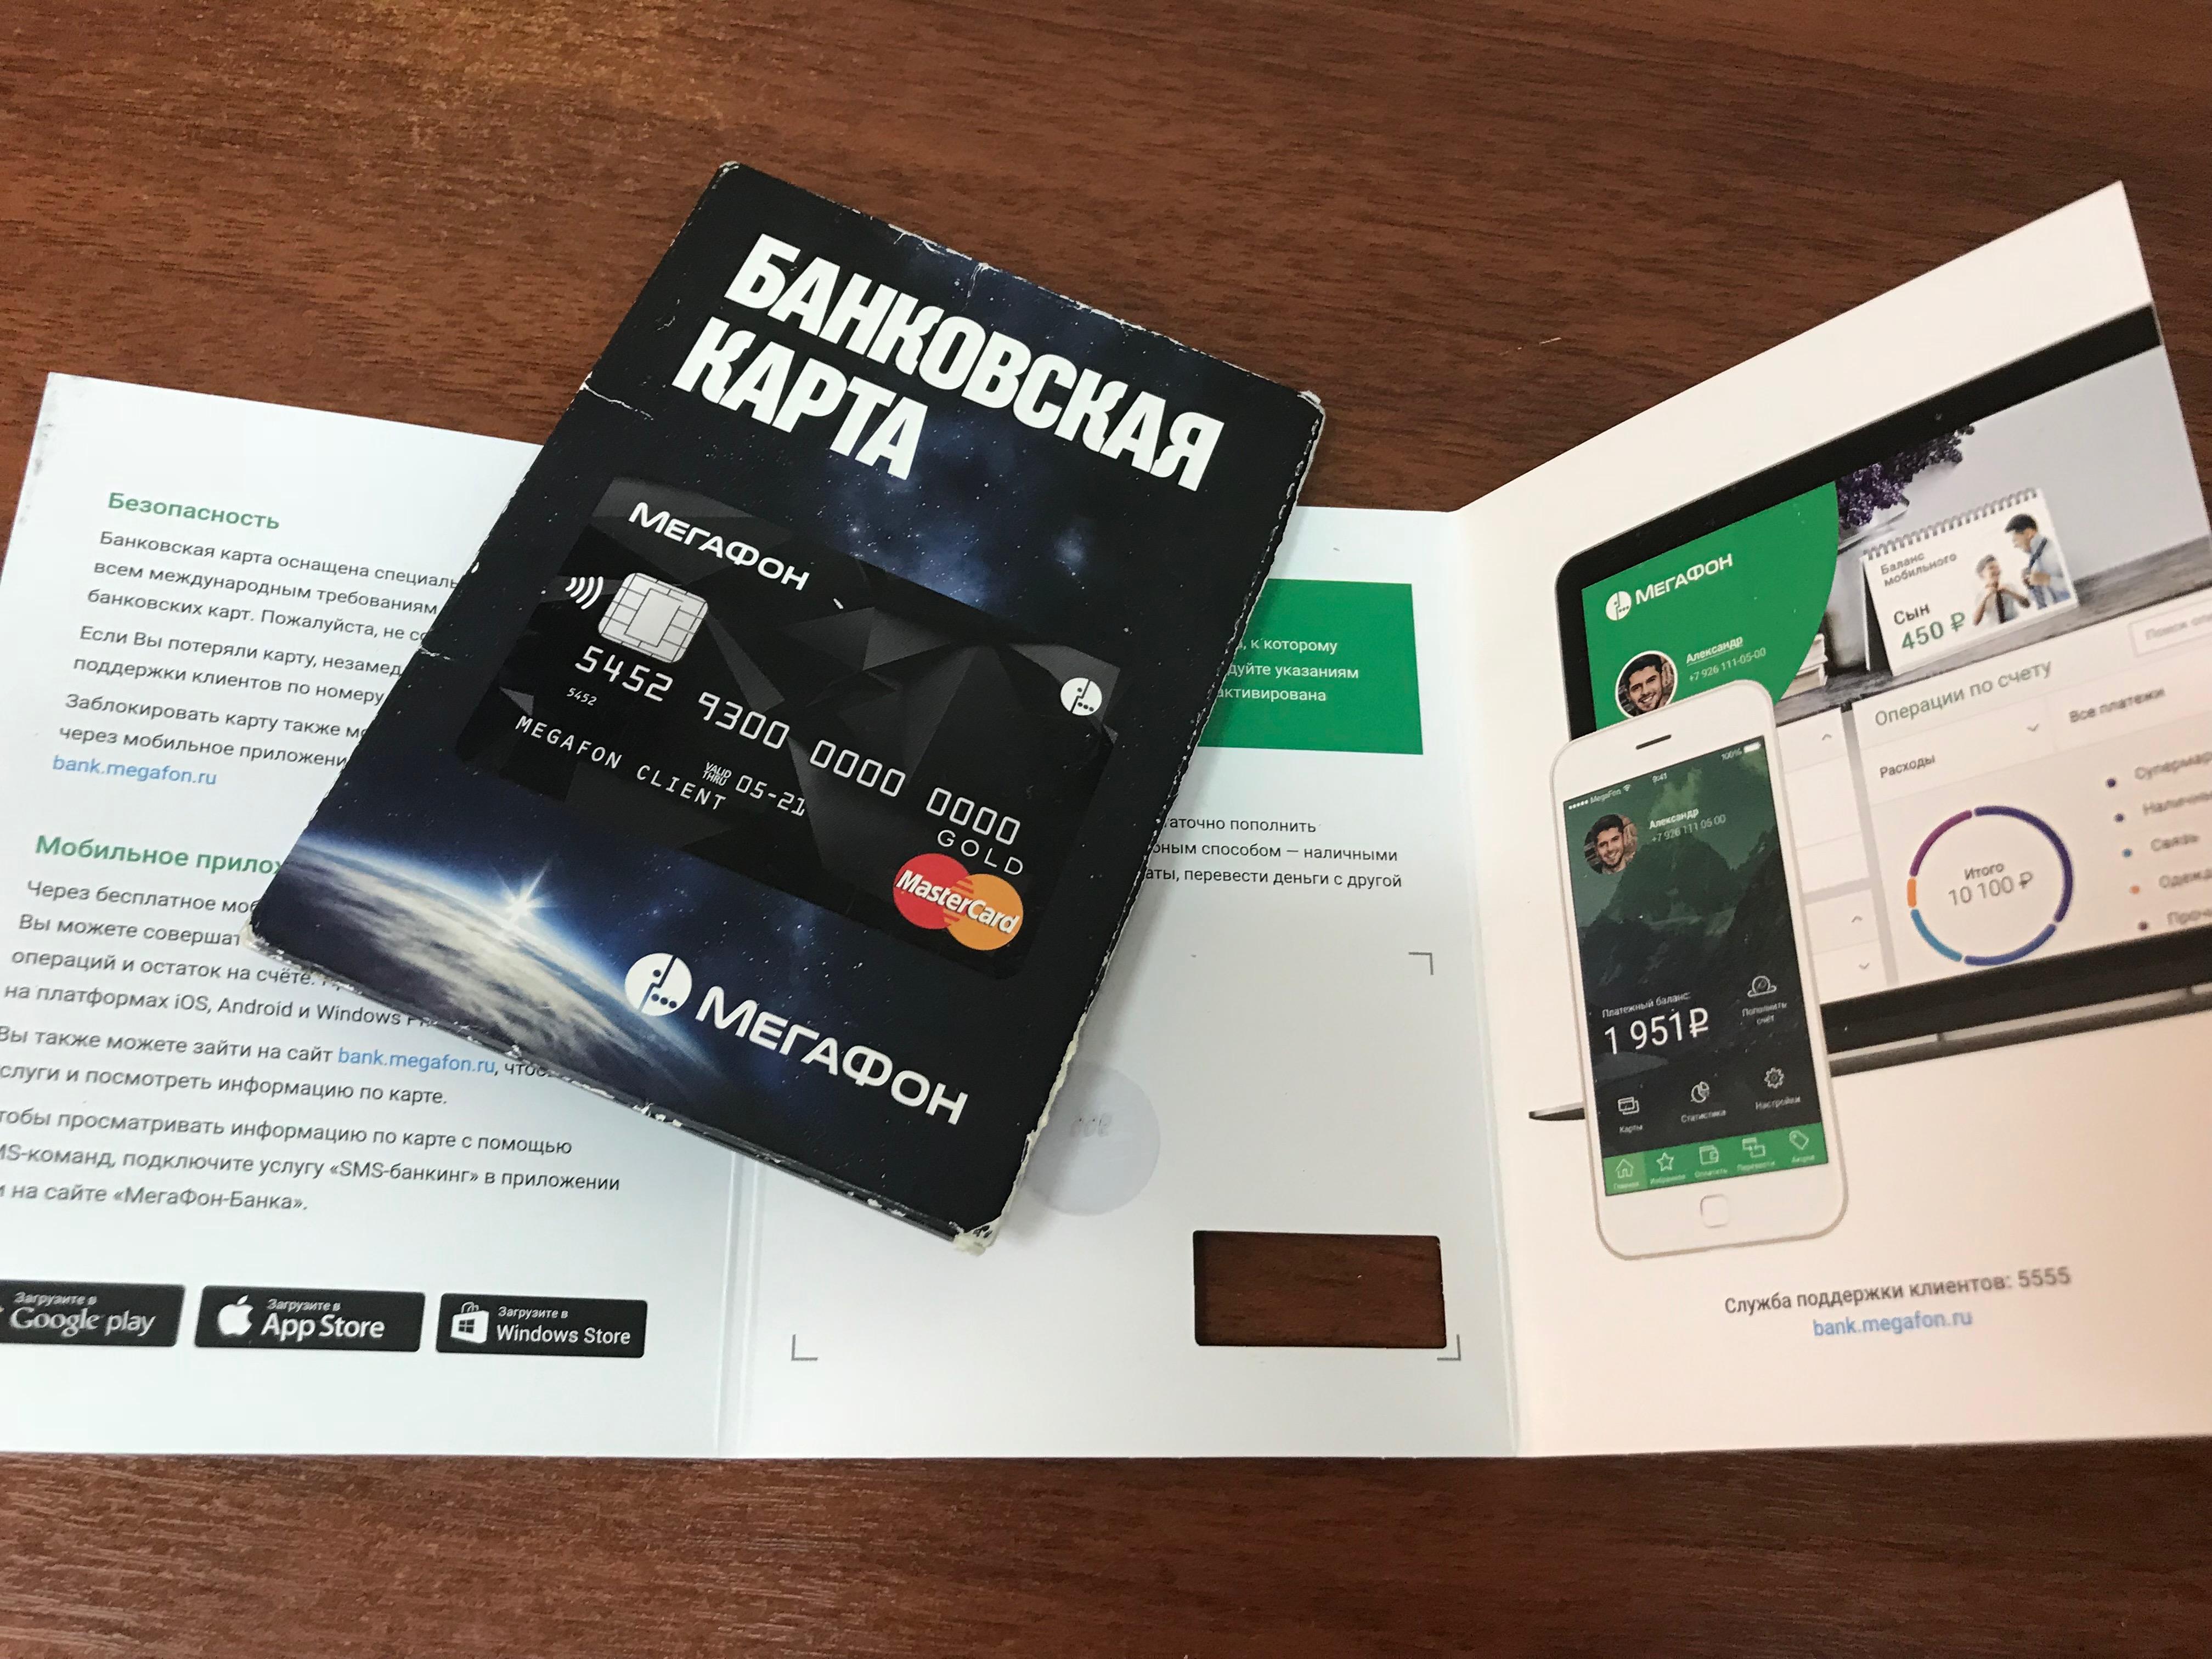 Реальный займ на киви кошелек без отказа без проверки мгновенно